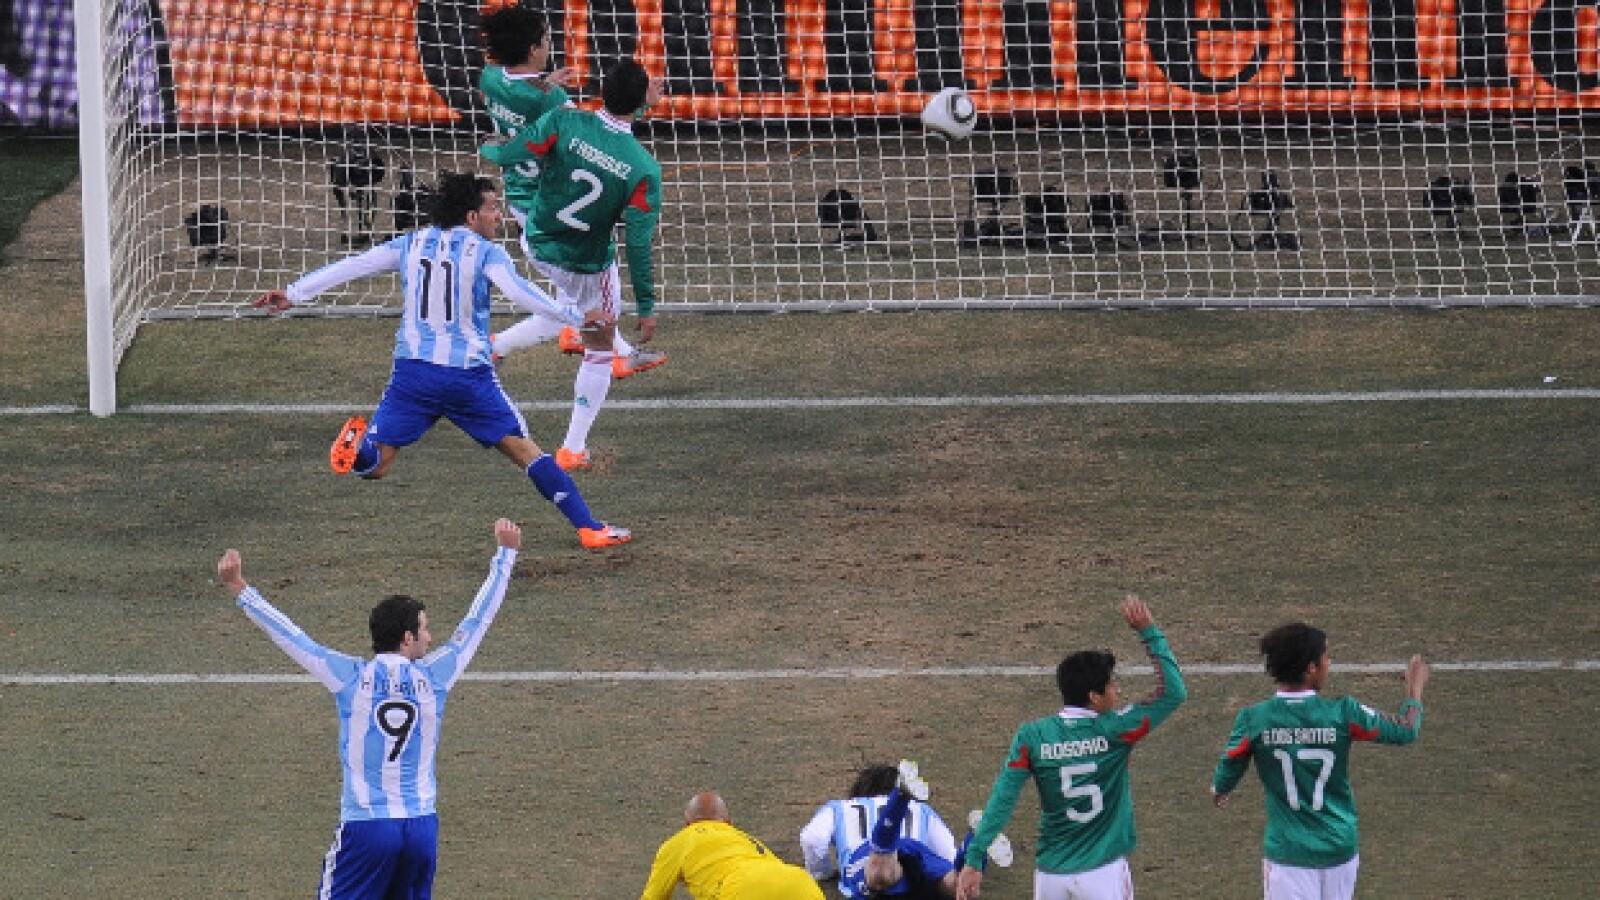 Tevez metió el primer gol de la eliminación de México en un evidente fuera de juego